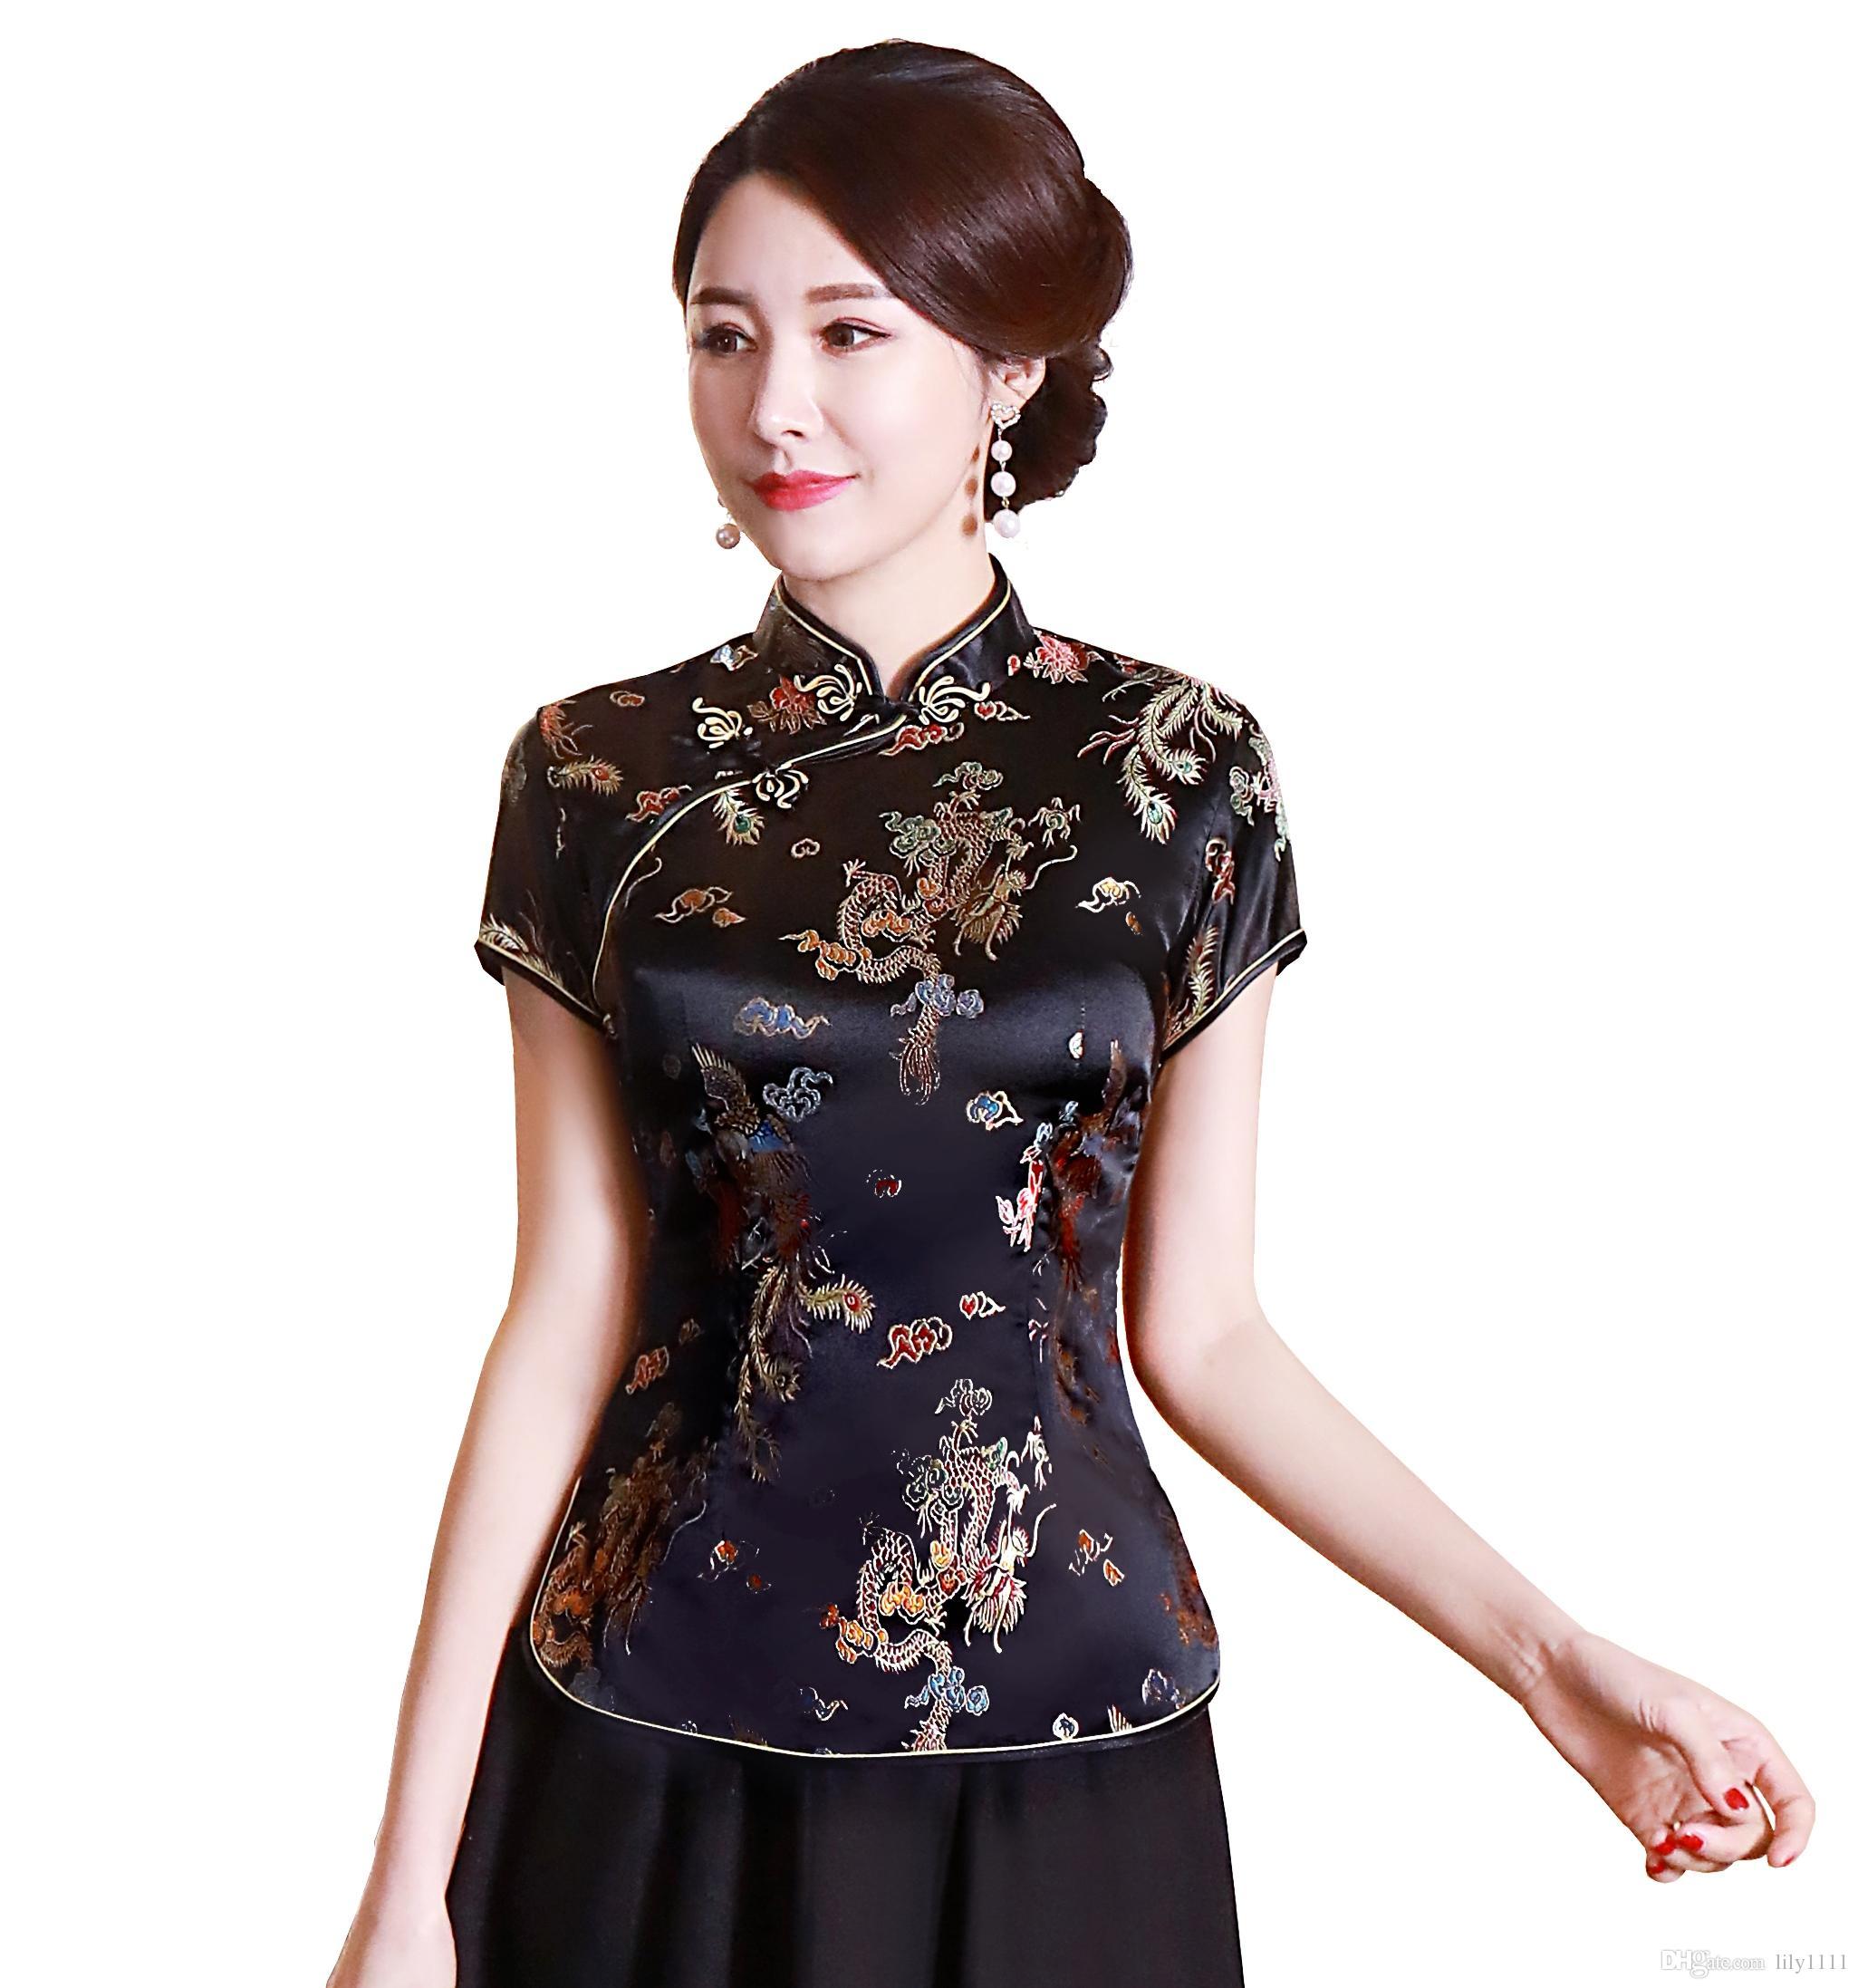 c74c89b972a9 La historia de Shanghai, cheongsam chino, top de las mujeres chinas  tradicionales, imitación de seda / satén, top de dragón y blusa fénix  china, ...